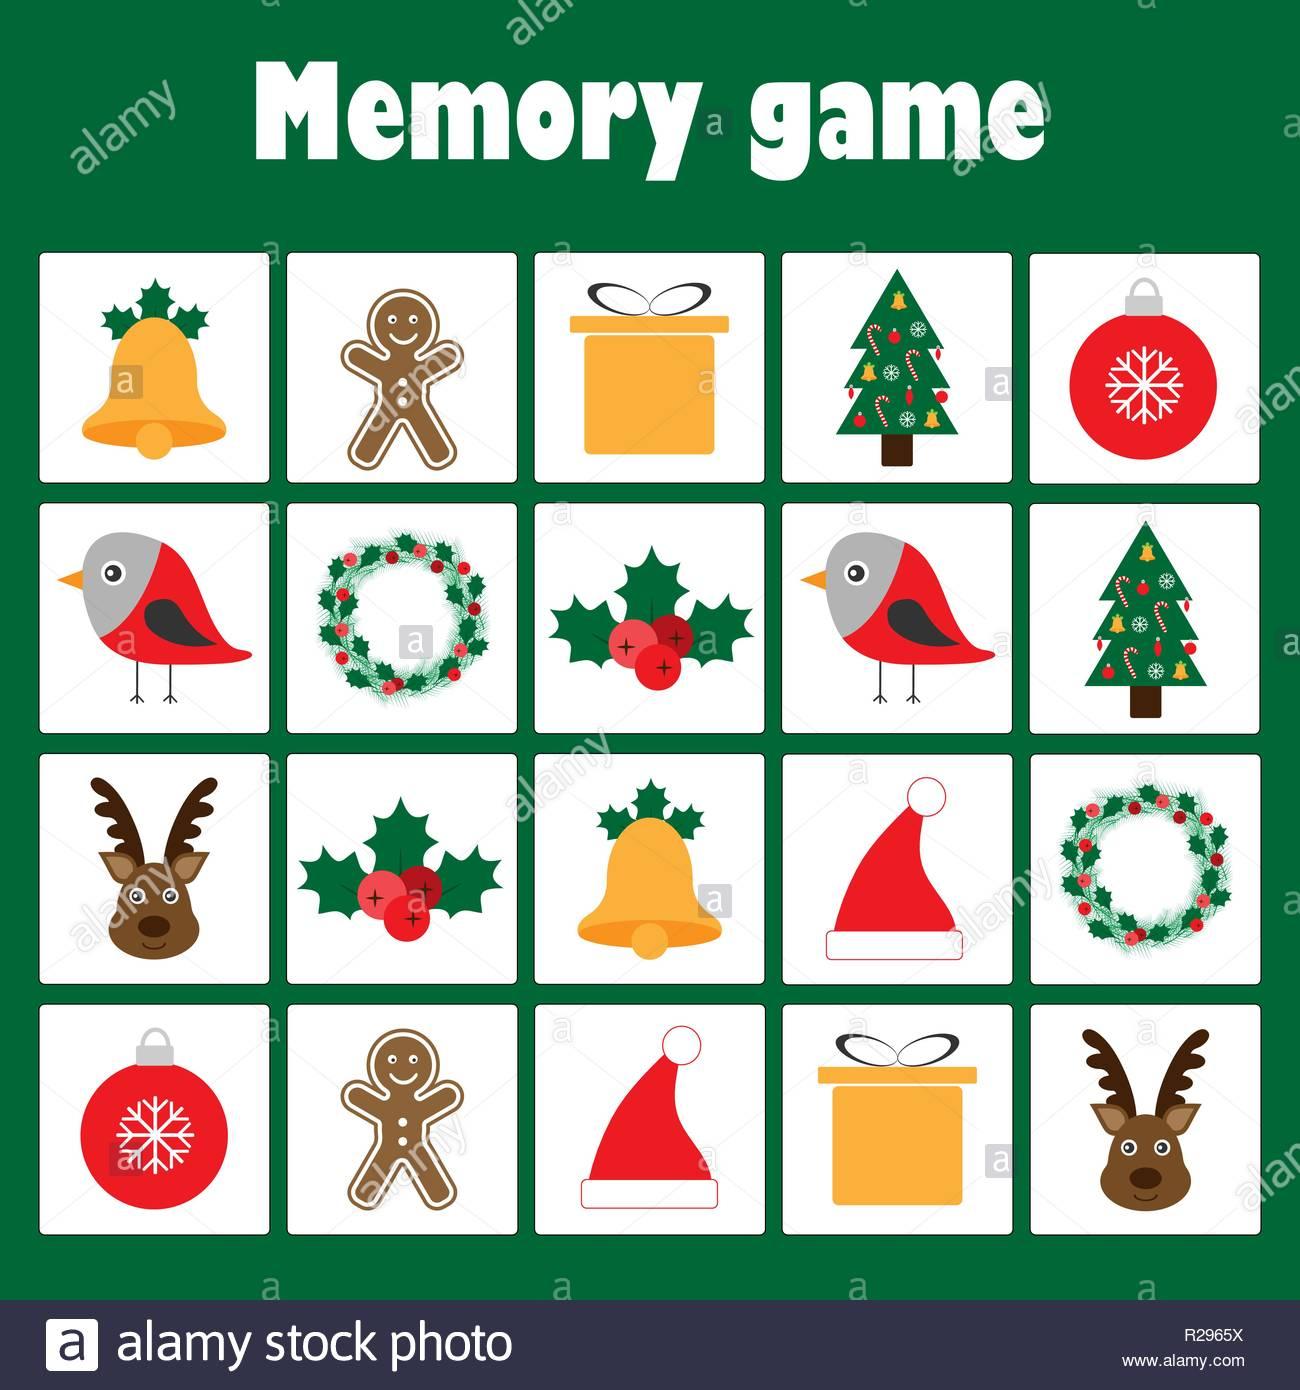 Jeu De Mémoire Avec Des Images - Thème De Noël Pour Les destiné Jeux De Memory Pour Enfants